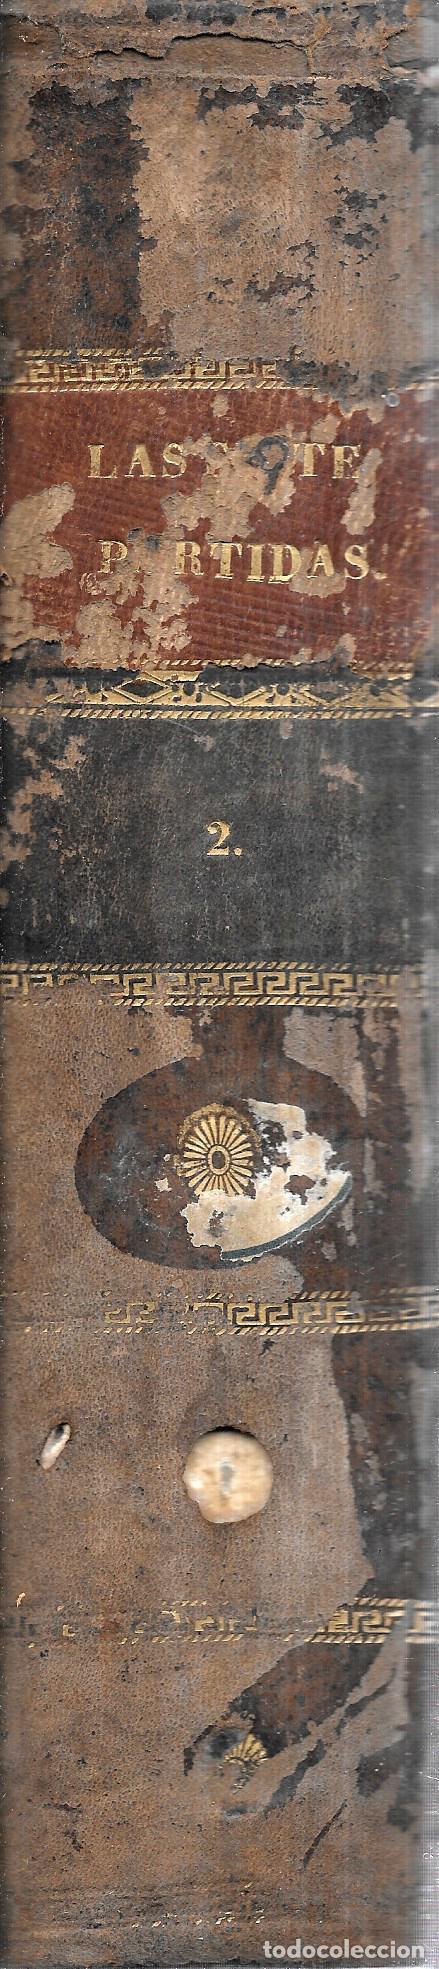 Libros antiguos: LAS SIETE PALABRAS DEL REY DON ALFONSO EL SABIO. POR LA REAL ACADEMIA DE LA HISTORIA. 1807. LEER. - Foto 6 - 115546087